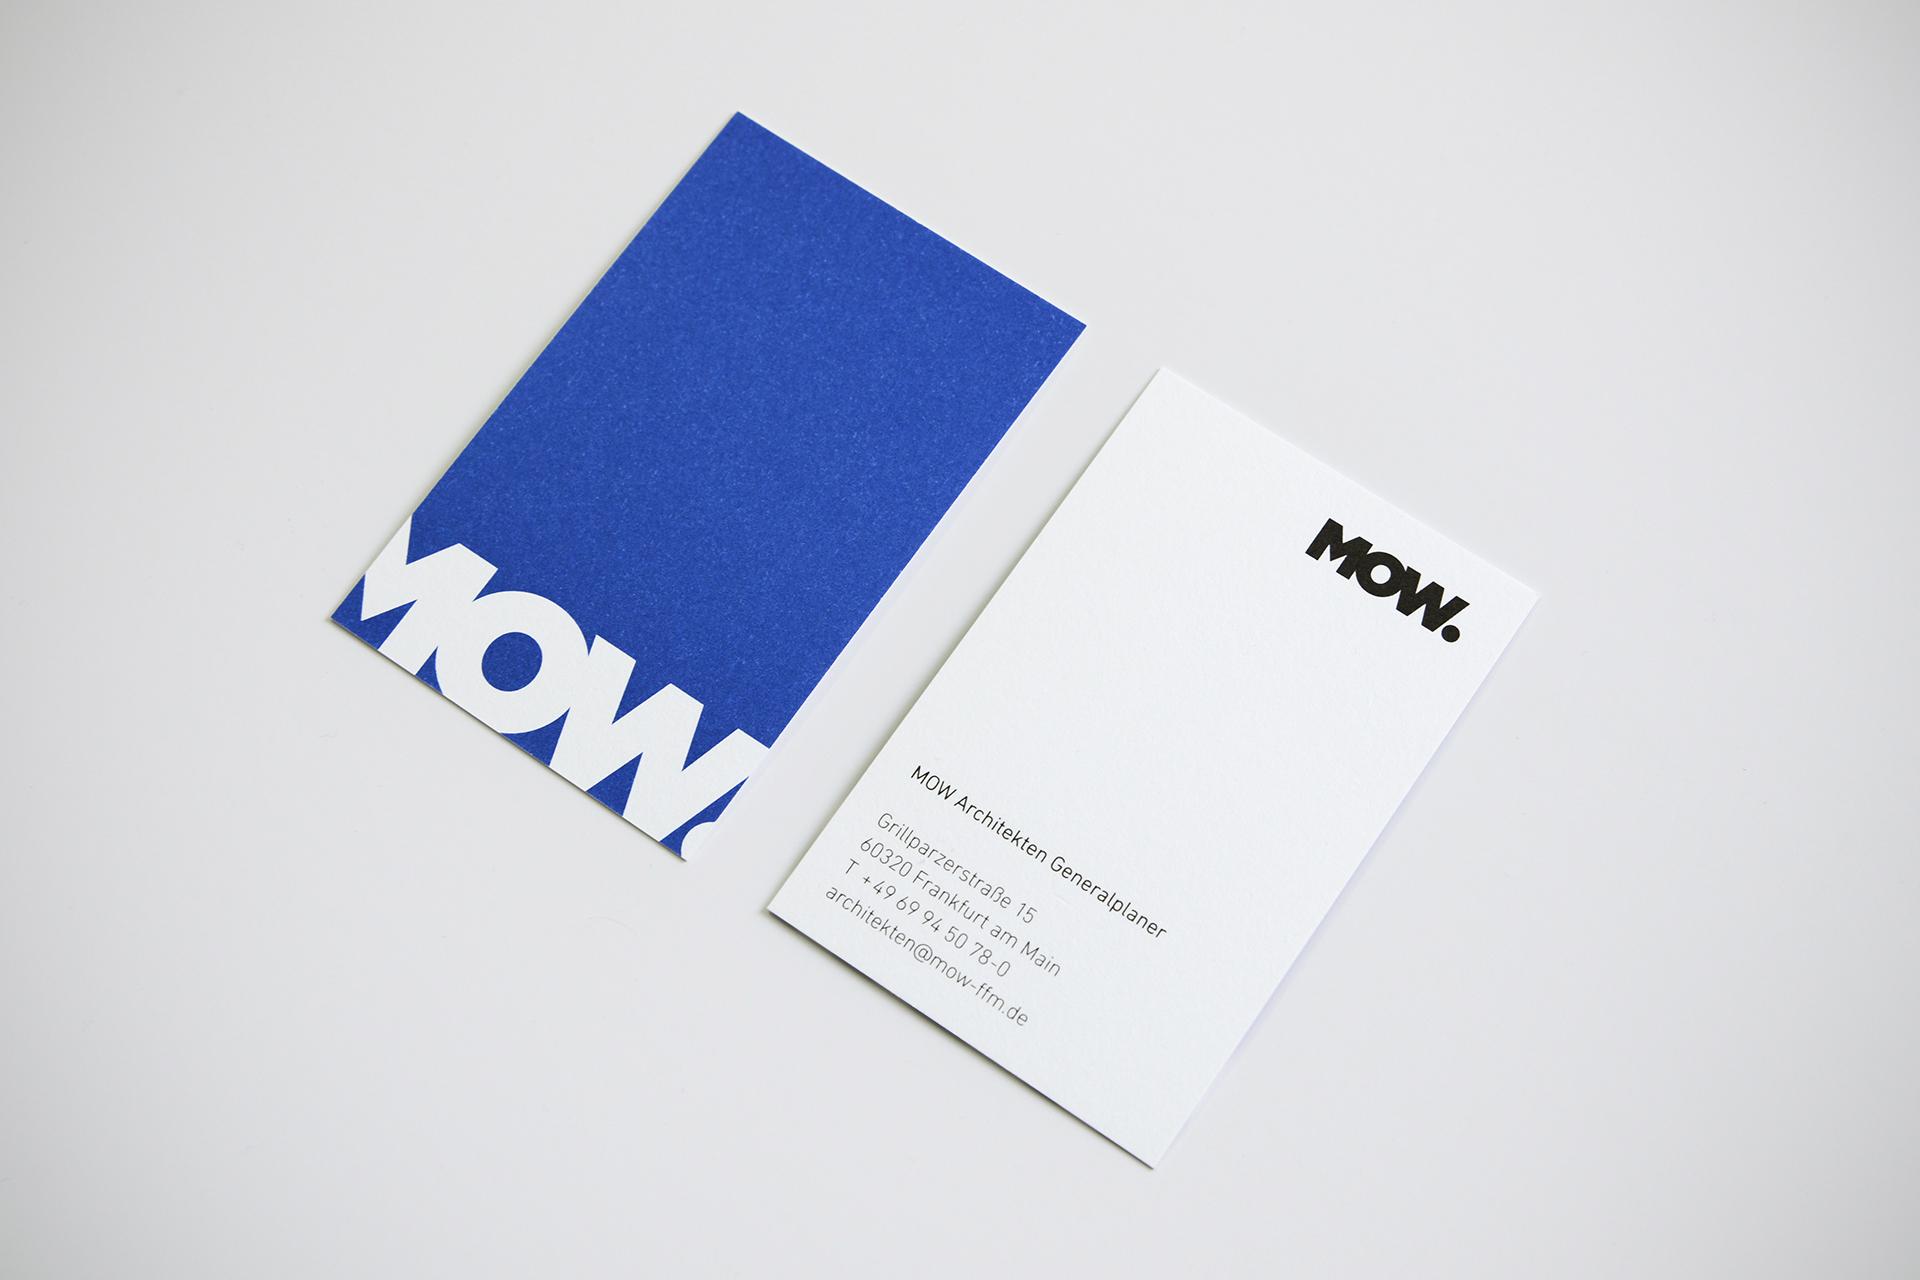 Quandel-Staudt-Design-MOW-Visitenkarte-02